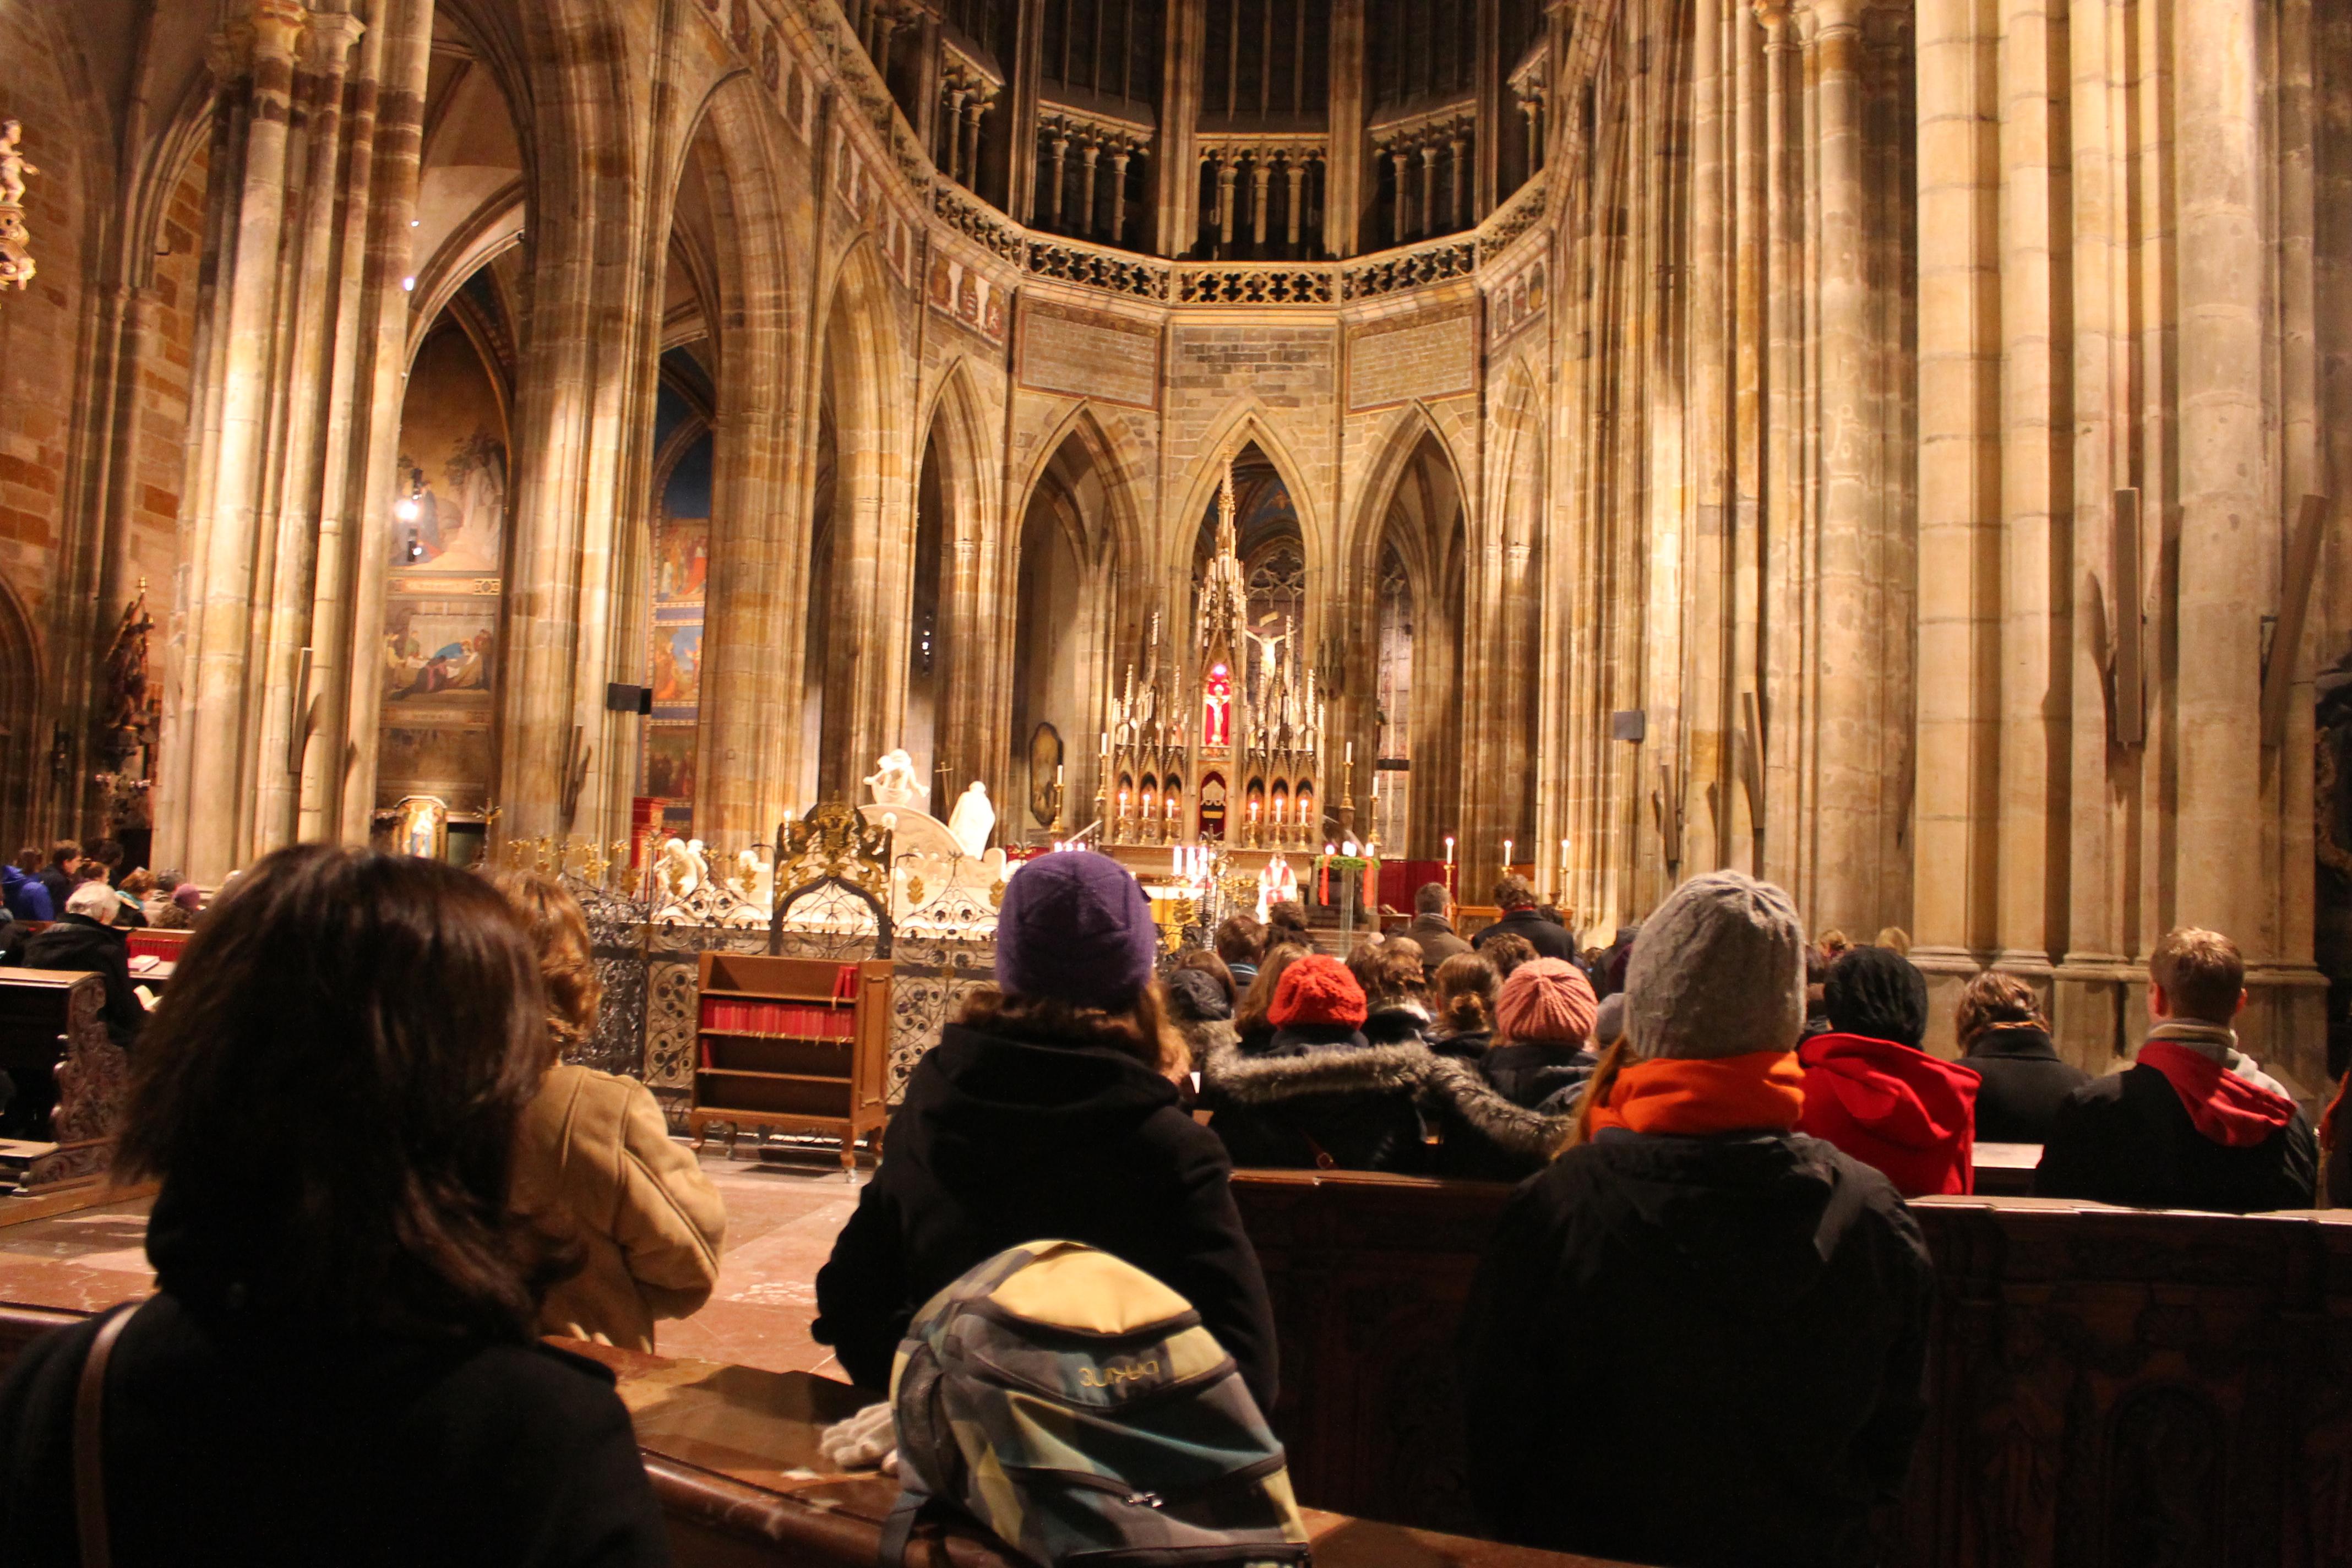 Katedrála sv. Víta roráty.jpg